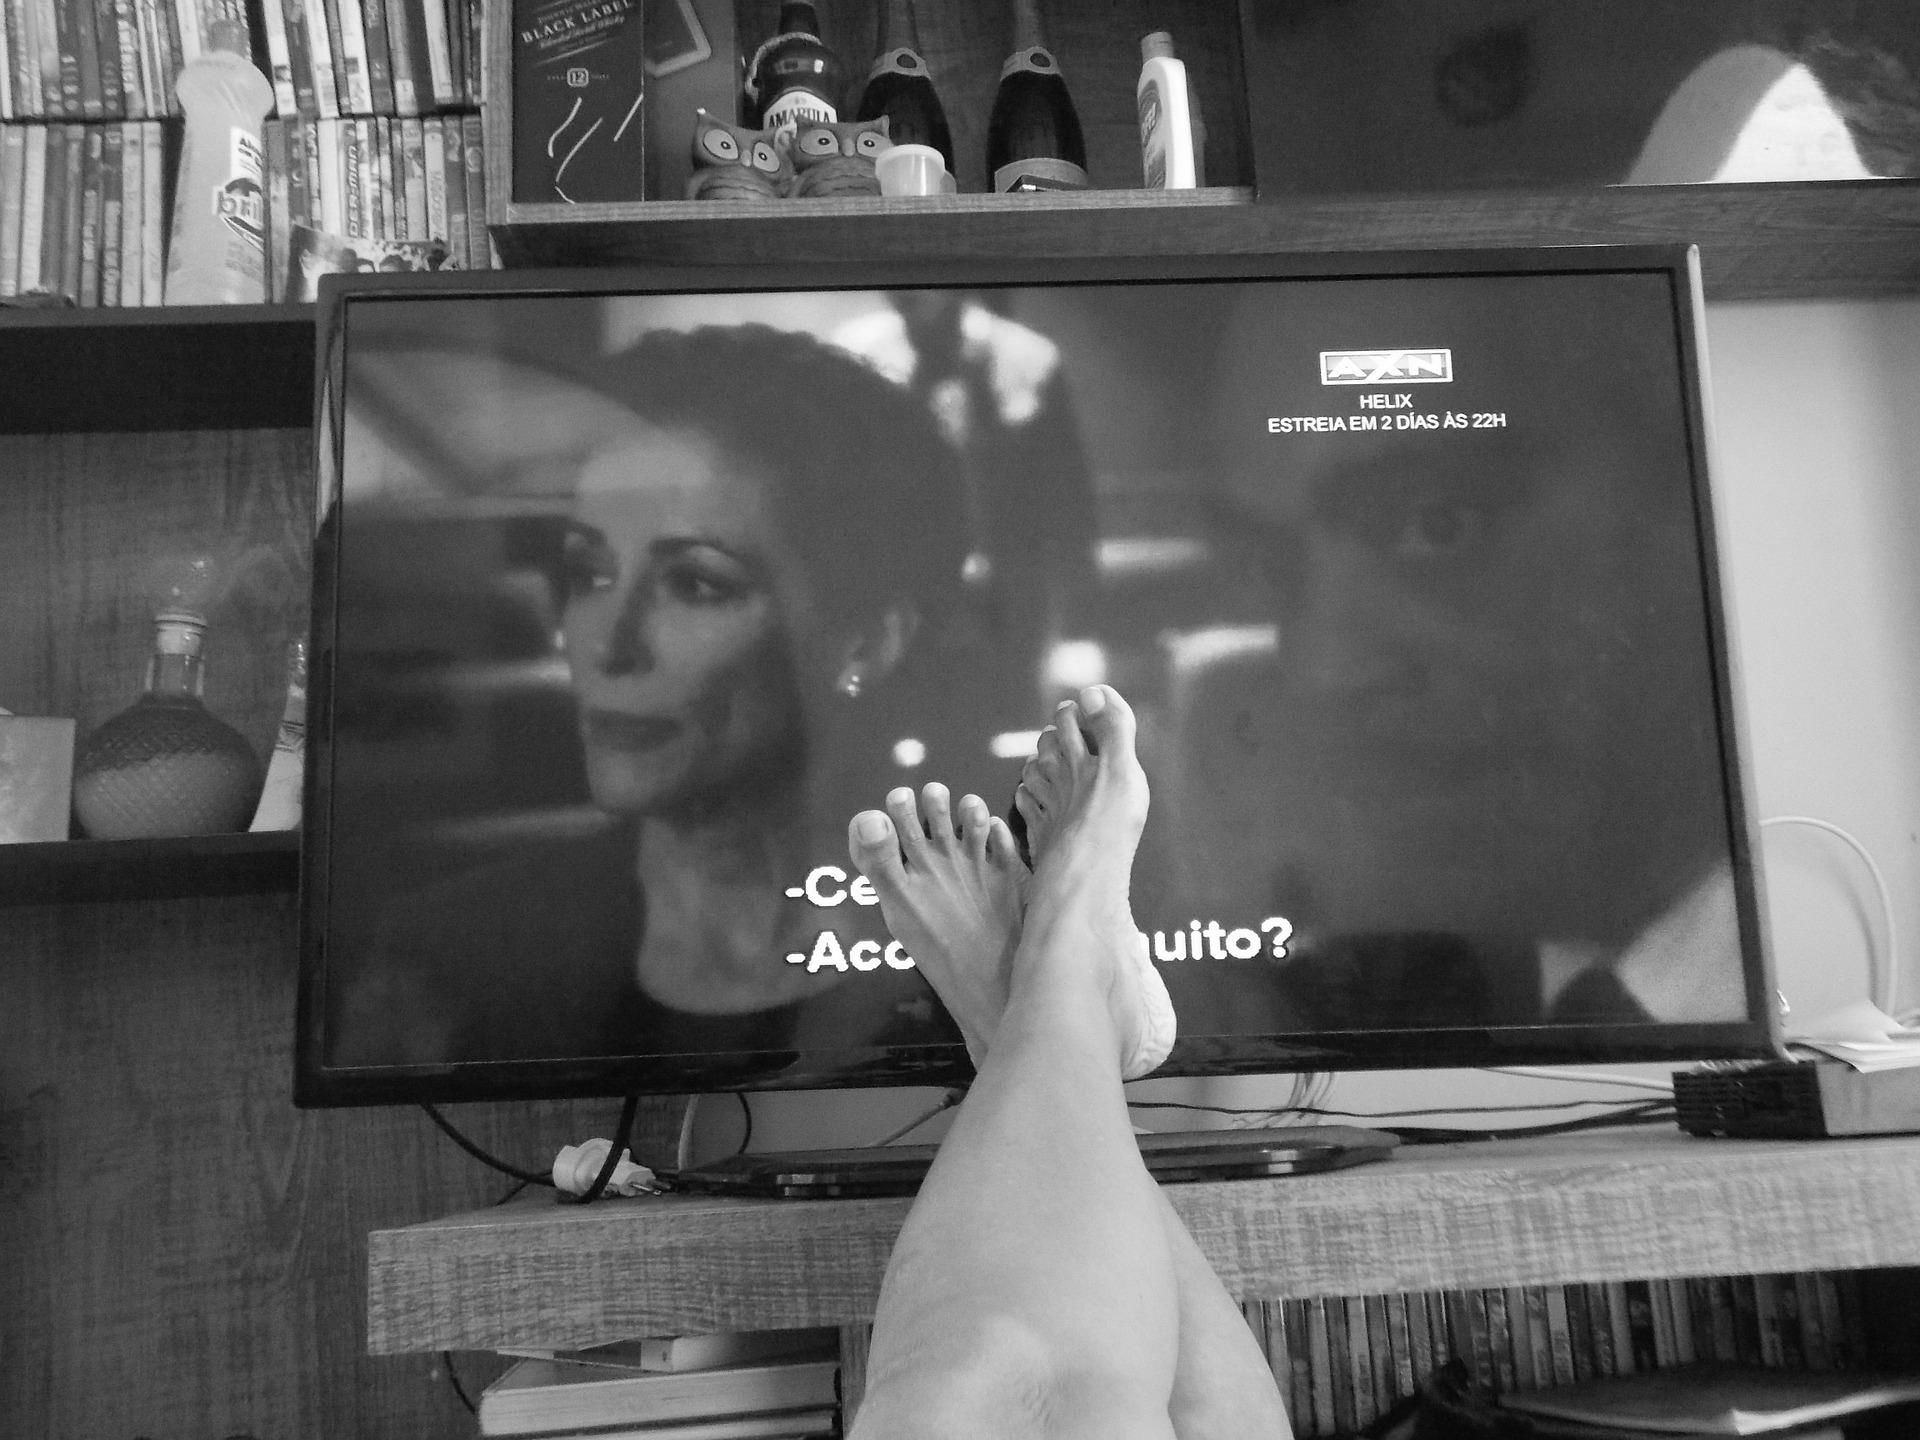 télévision et chaines en allemagne